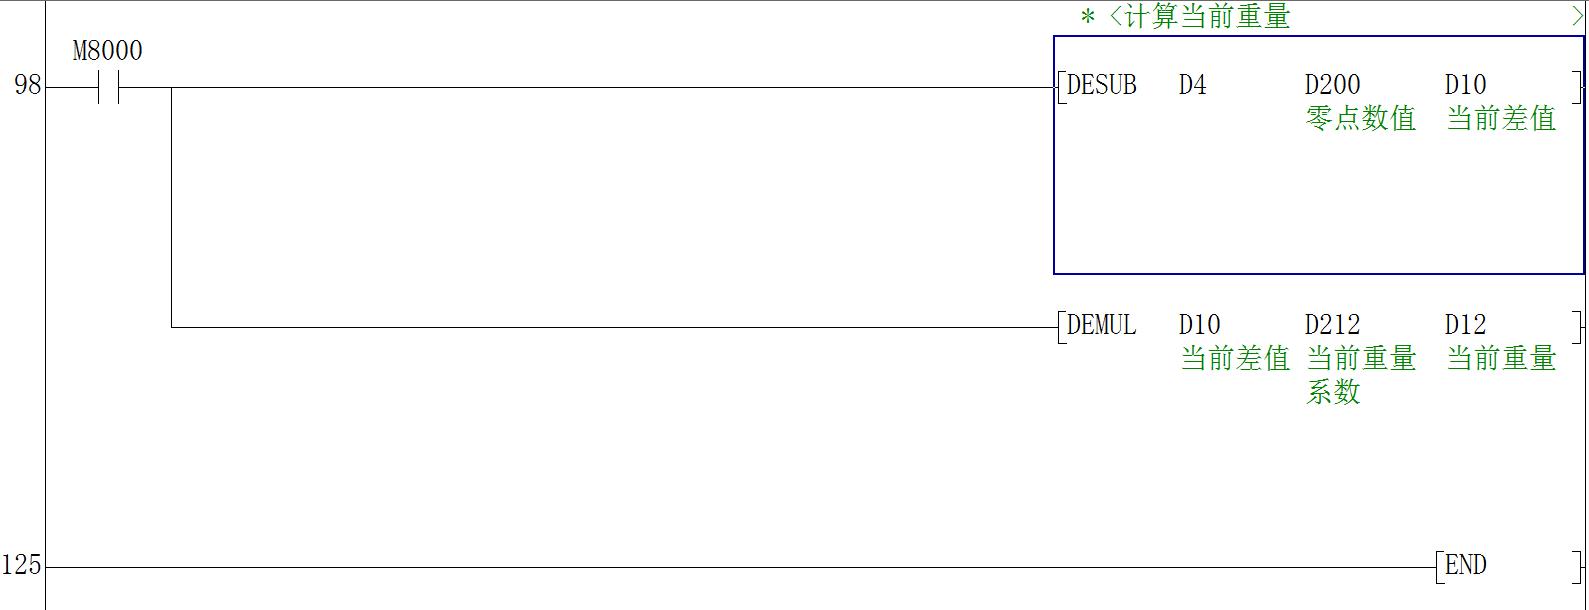 顾美MX2N PLC 称重功效利用案例